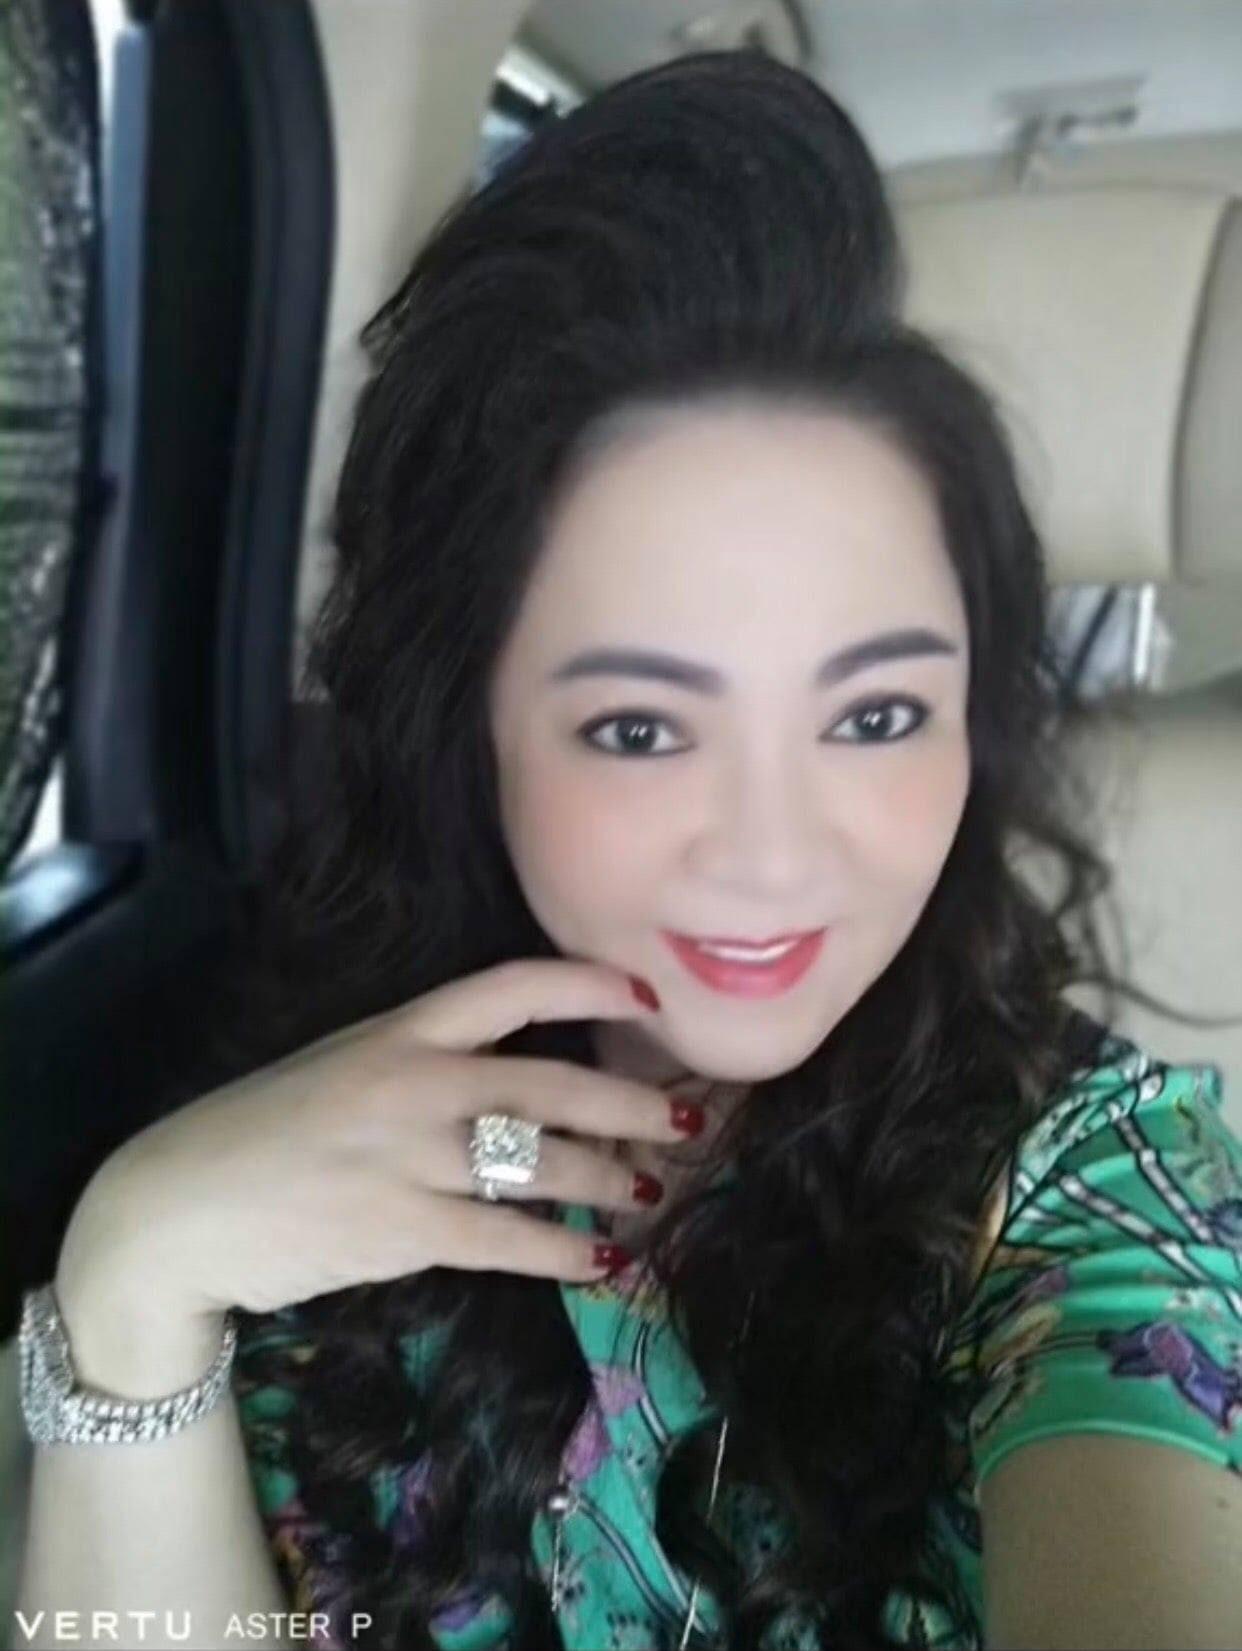 Nguyễn Sin tới thẳng biệt thự, tố bà Hằng di chuyển bằng xe cấp cứu từ Bình Dương lên Sài Gòn để livestream - Hình 6